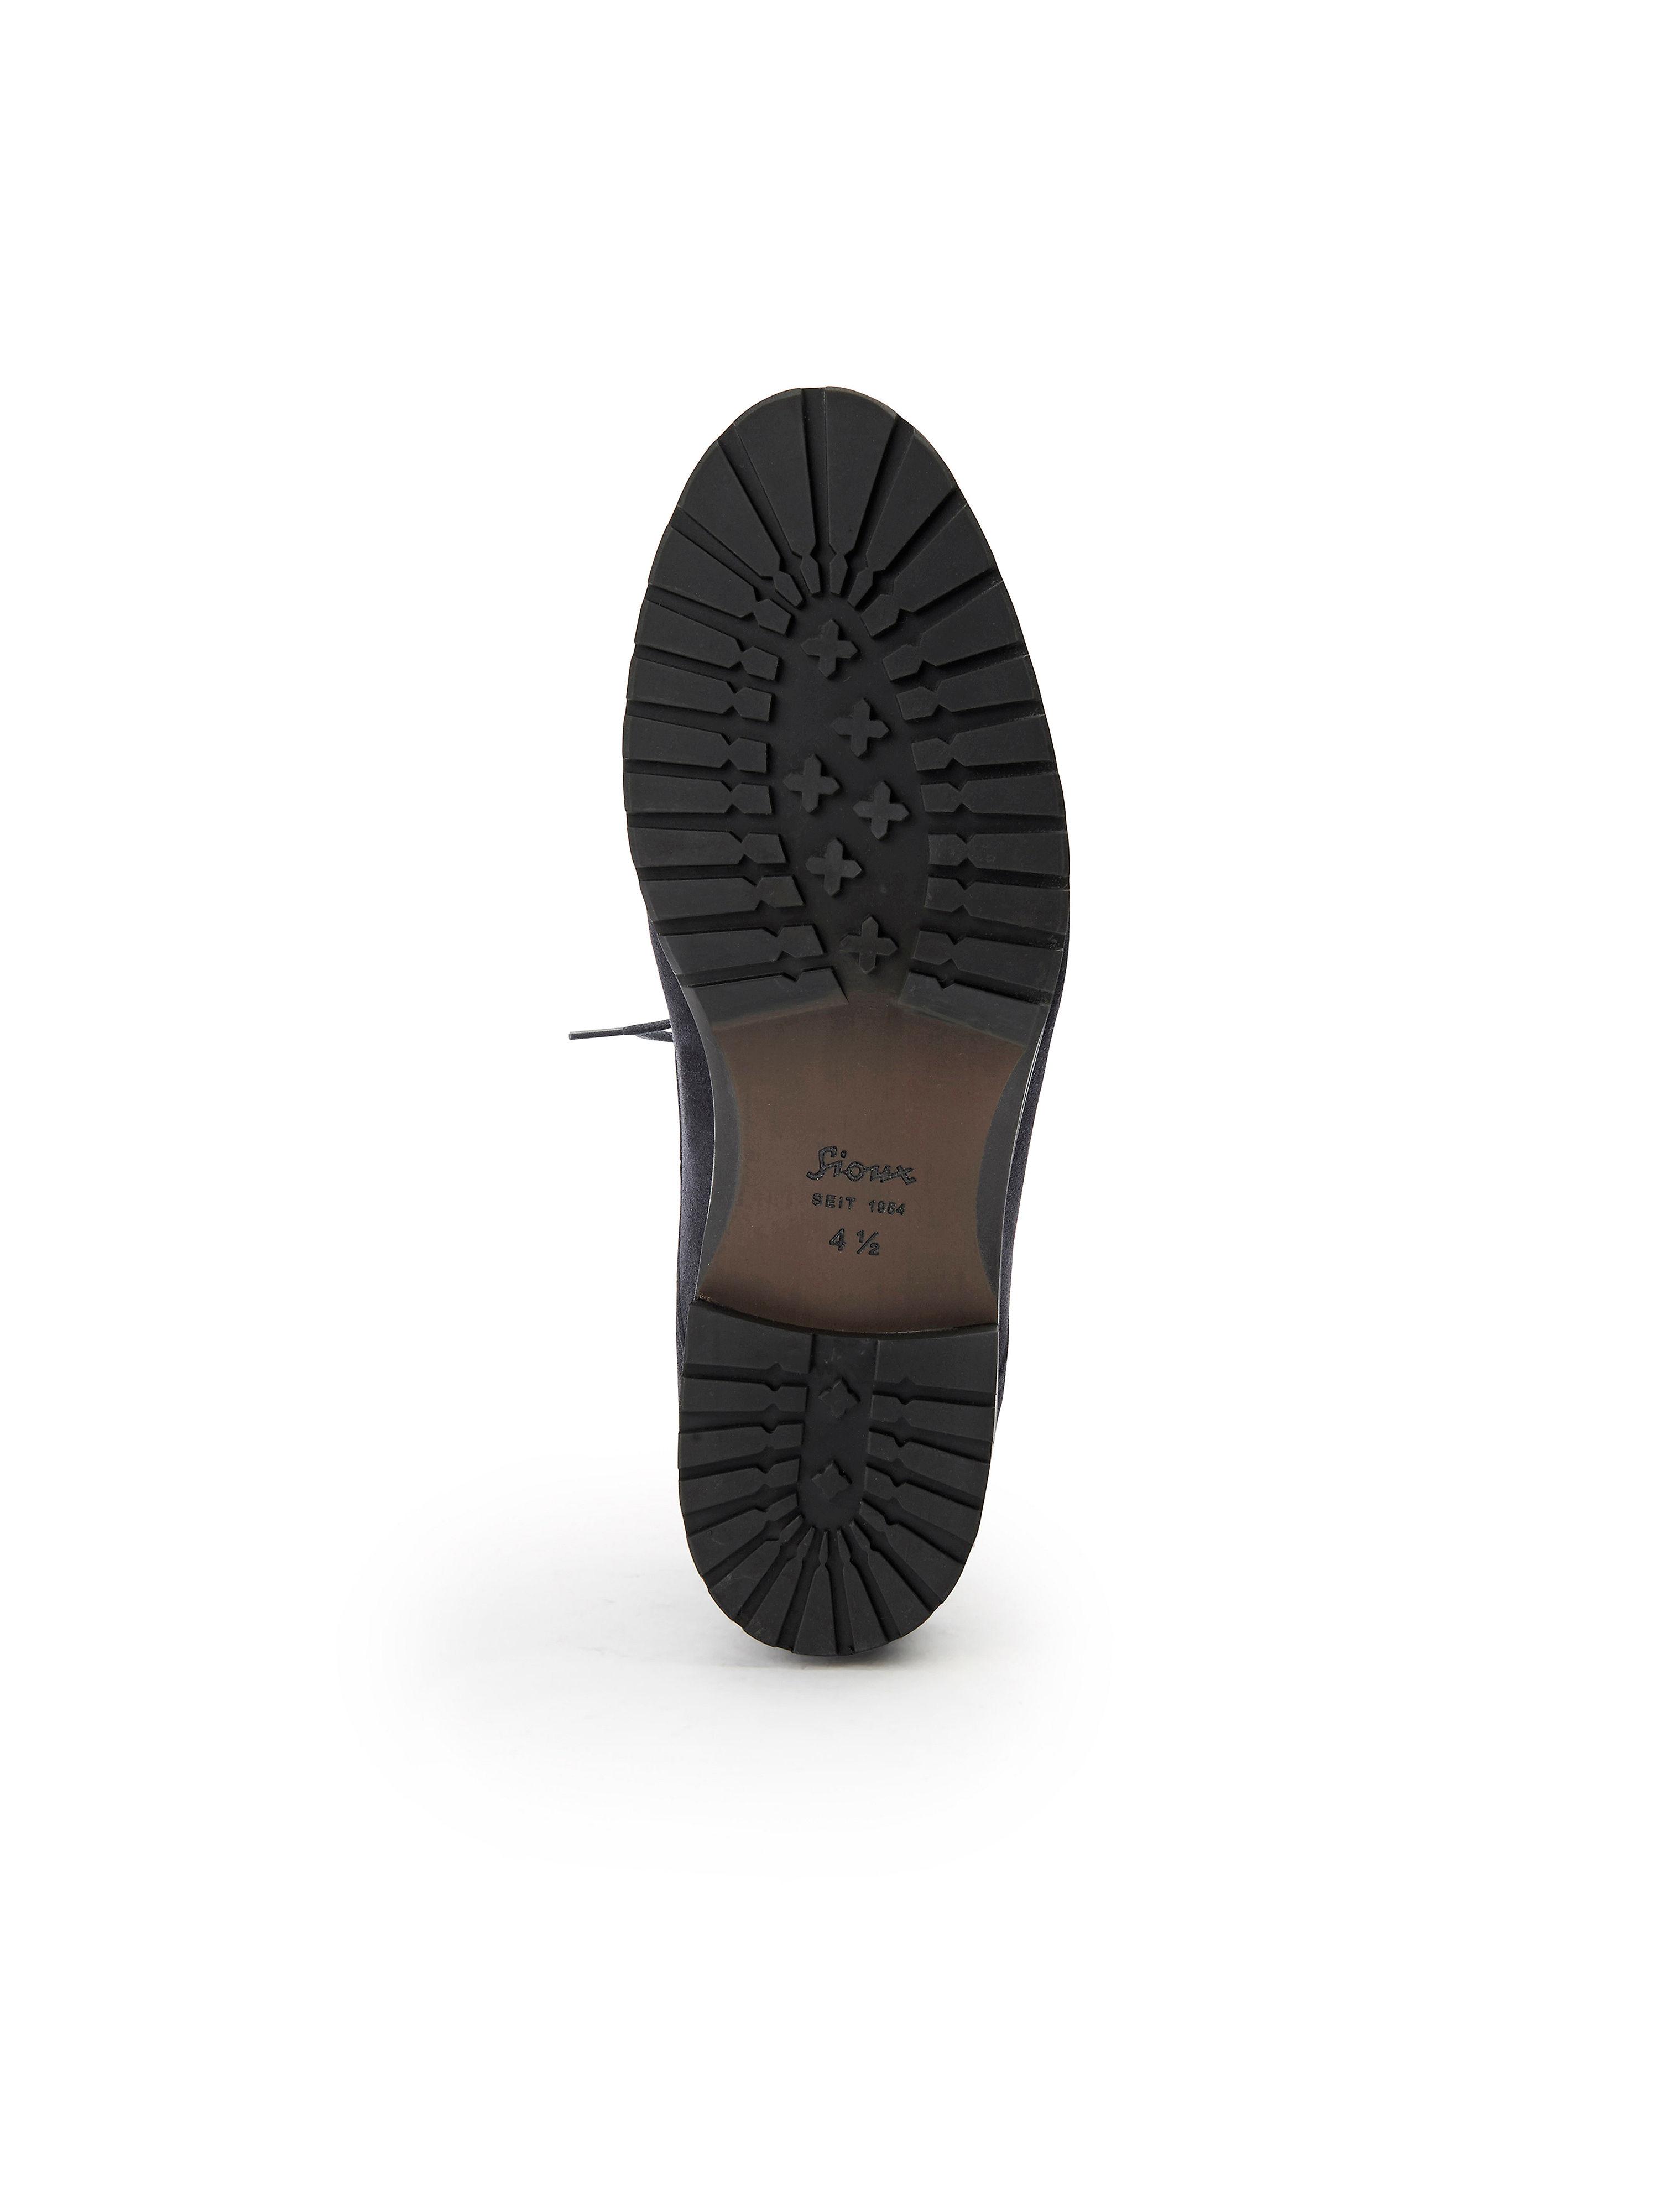 Sioux aus - Knöchelhohe Schnür-Stiefelette Erdin aus Sioux 100%Leder - Marine Gute Qualität beliebte Schuhe c91573